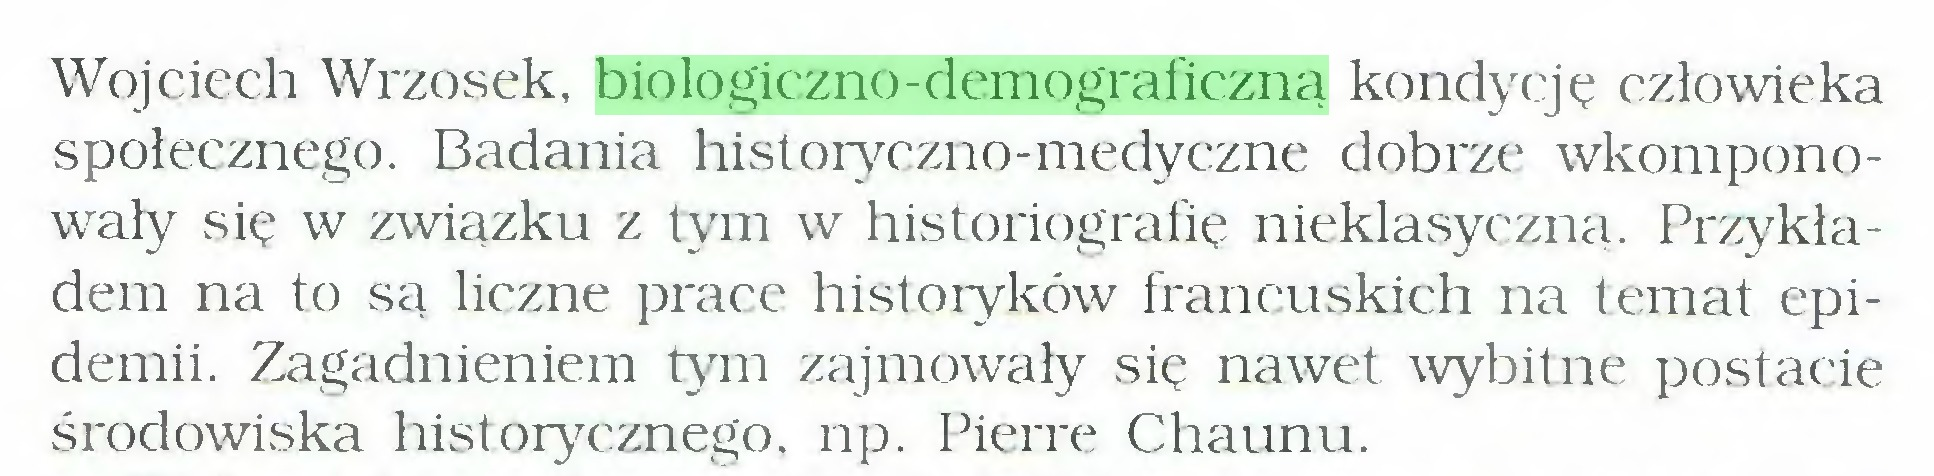 (...) Wojciech Wrzosek, biologiczno-demograficzną kondycję człowieka społecznego. Badania histoiyczno-medyczne dobrze wkomponowały się w związku z tym w historiografię nieklasyczną. Przykładem na to są liczne prace historyków francuskich na temat epidemii. Zagadnieniem tym zajmowały się nawet wybitne postacie środowiska historycznego, np. Pierre Chaunu...